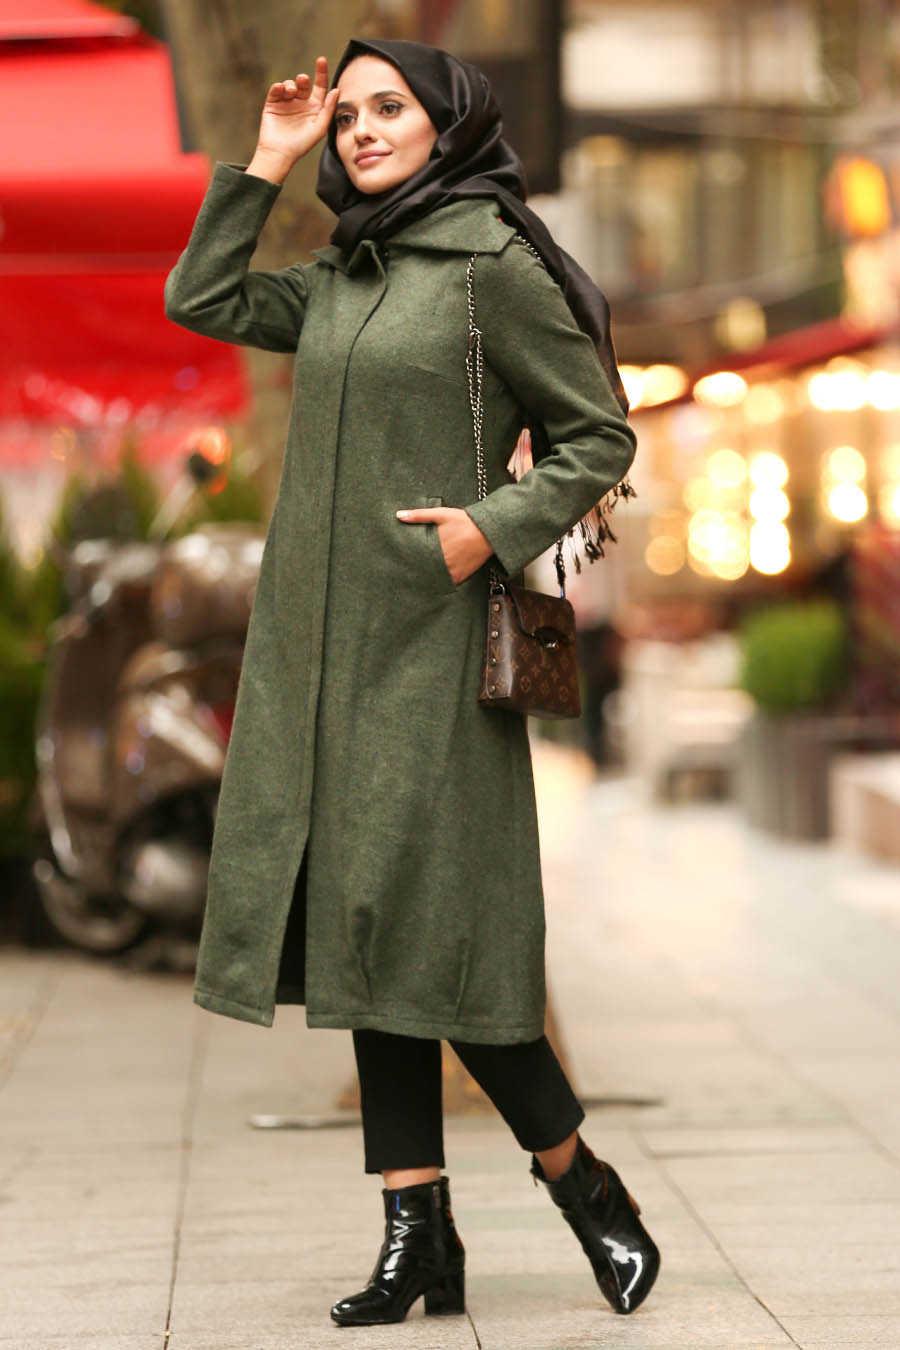 Neva Style - Khaki Hijab Coat 2453HK